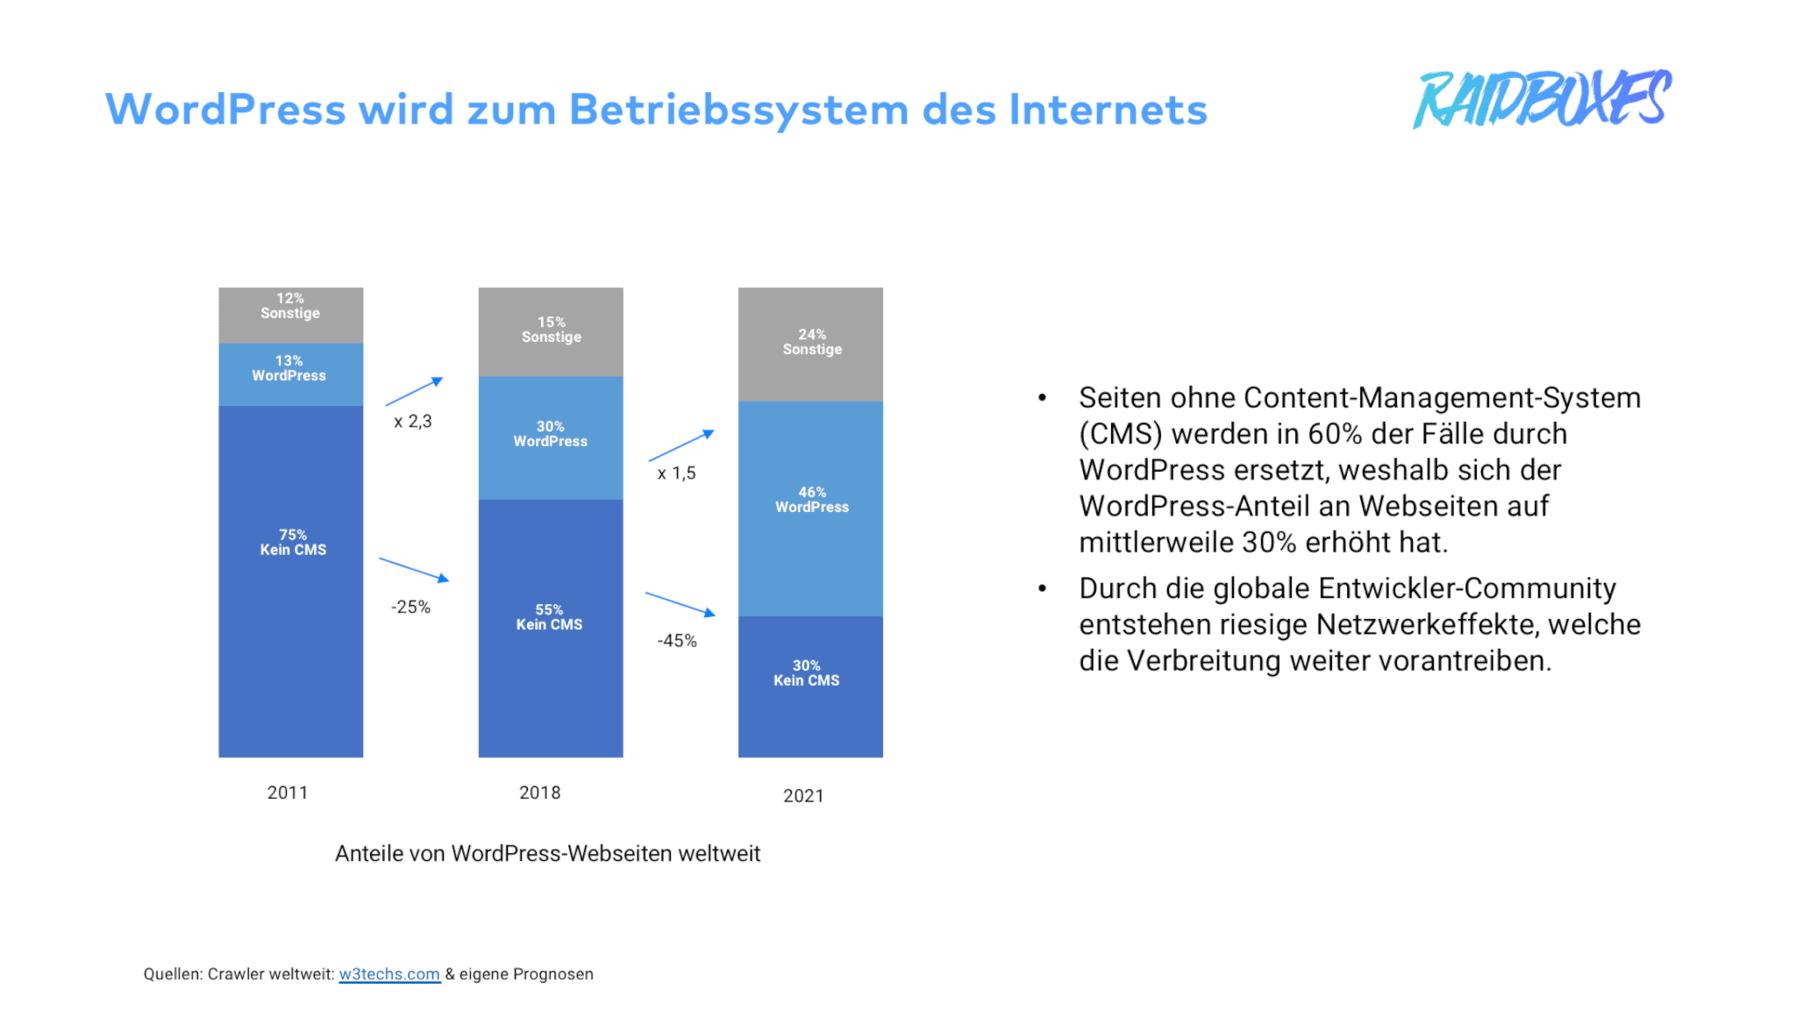 WordPress wird zum Betriebssystem des Internets